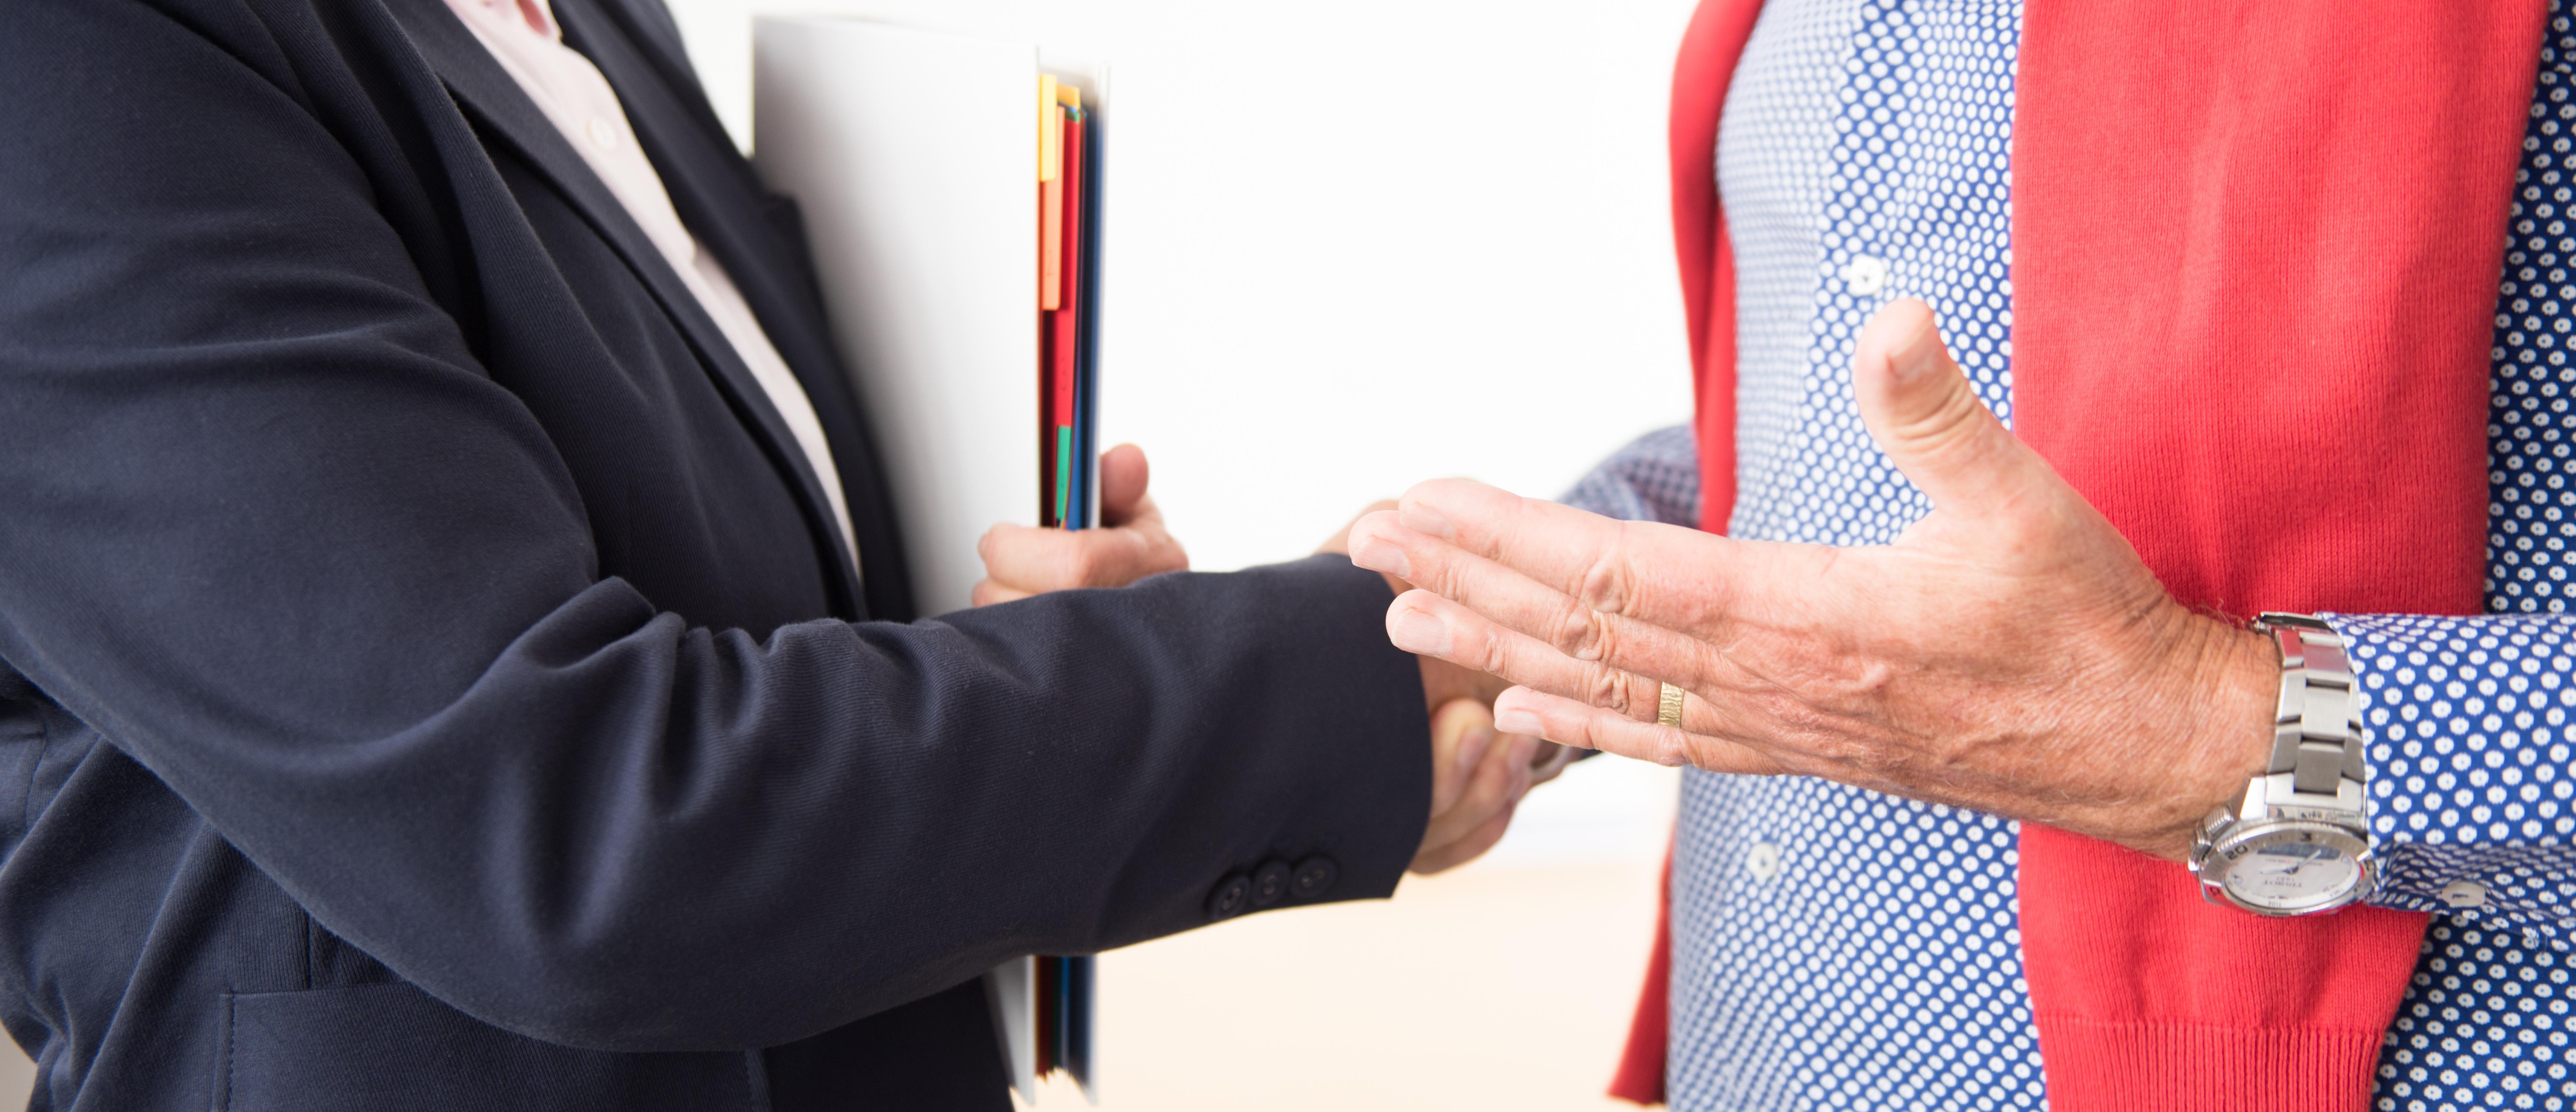 Handschlag zwischen Geschäftspartnern